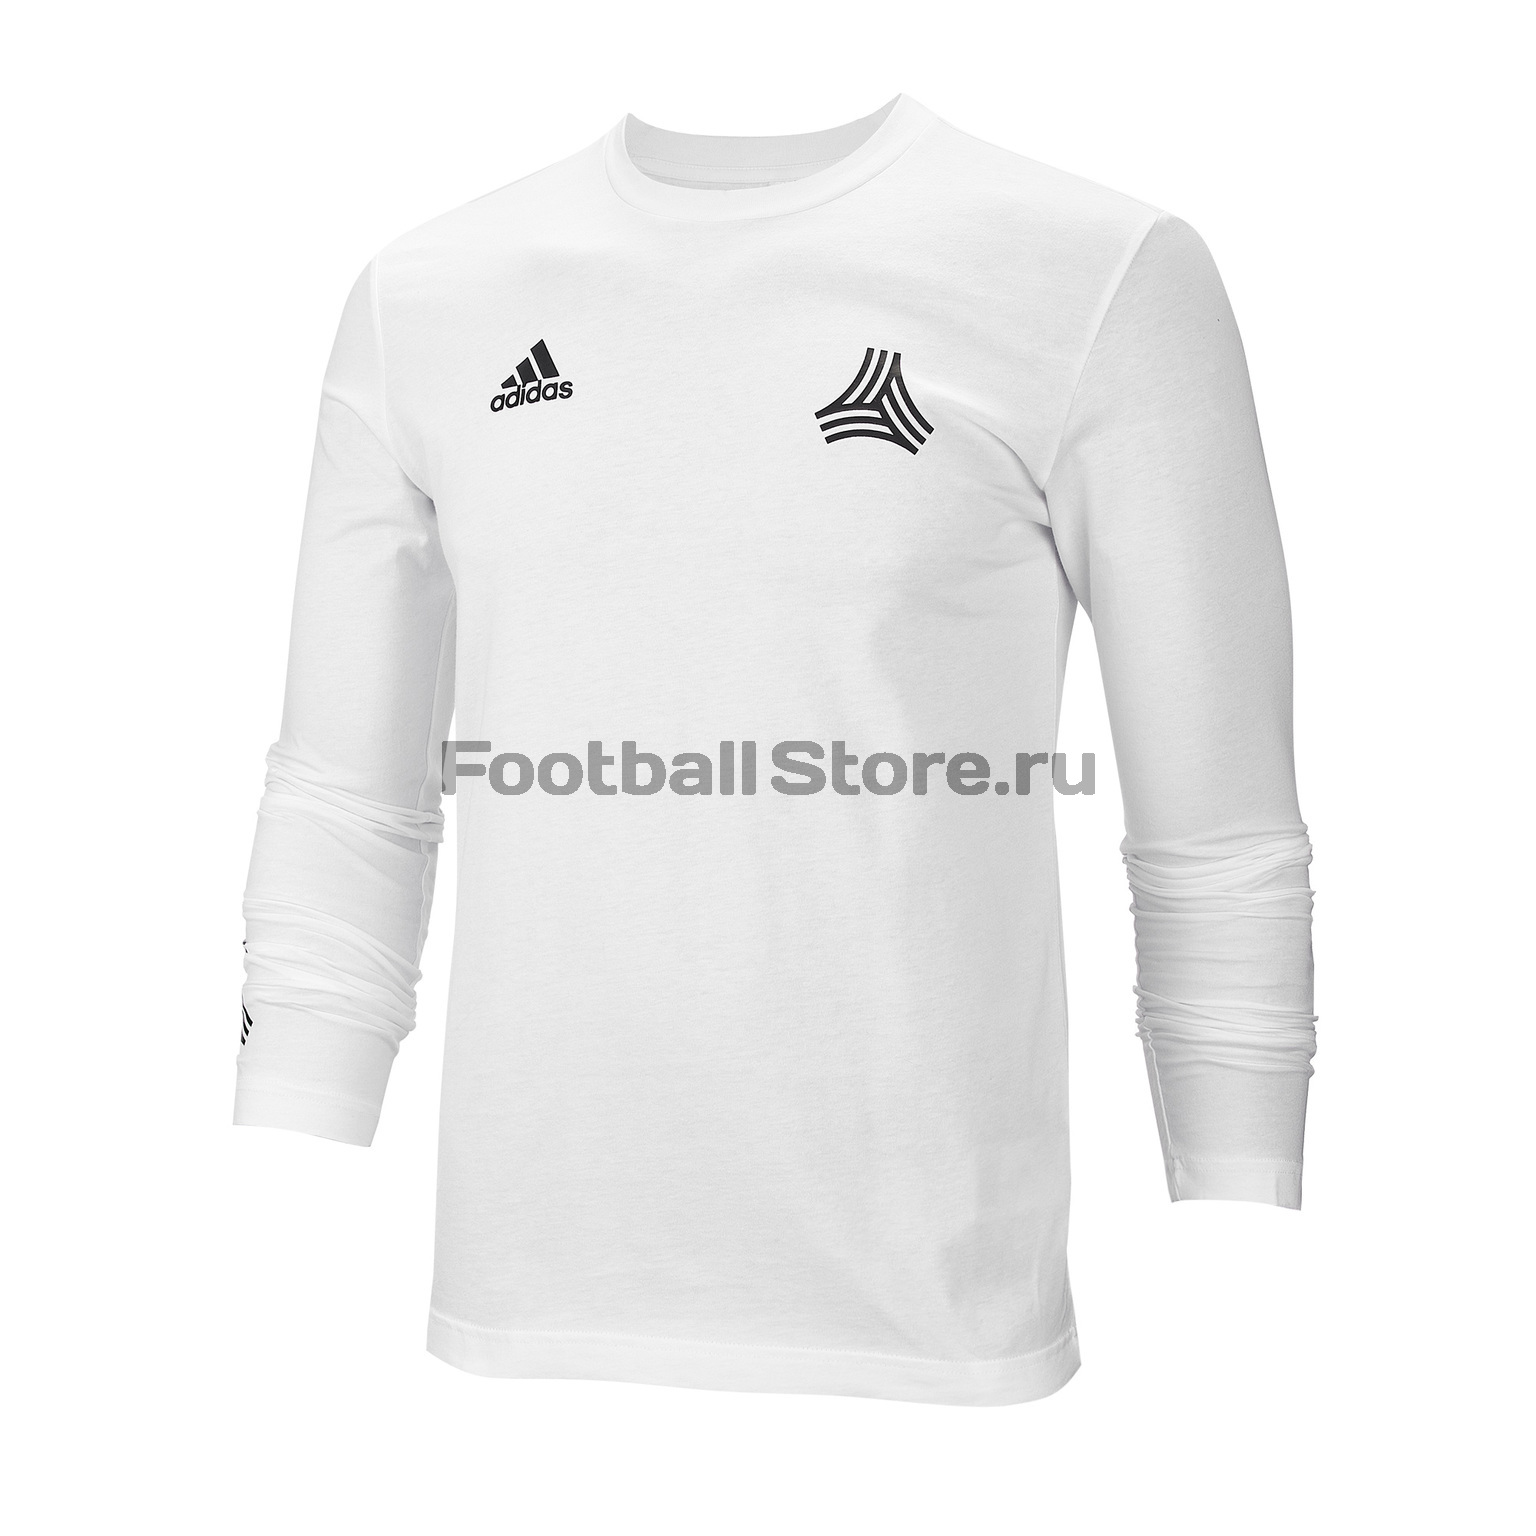 Футболка с длинным рукавом Adidas Tan Gr Tee LS DP2688 свитшот унисекс с полной запечаткой printio мортал комбат mortal kombat